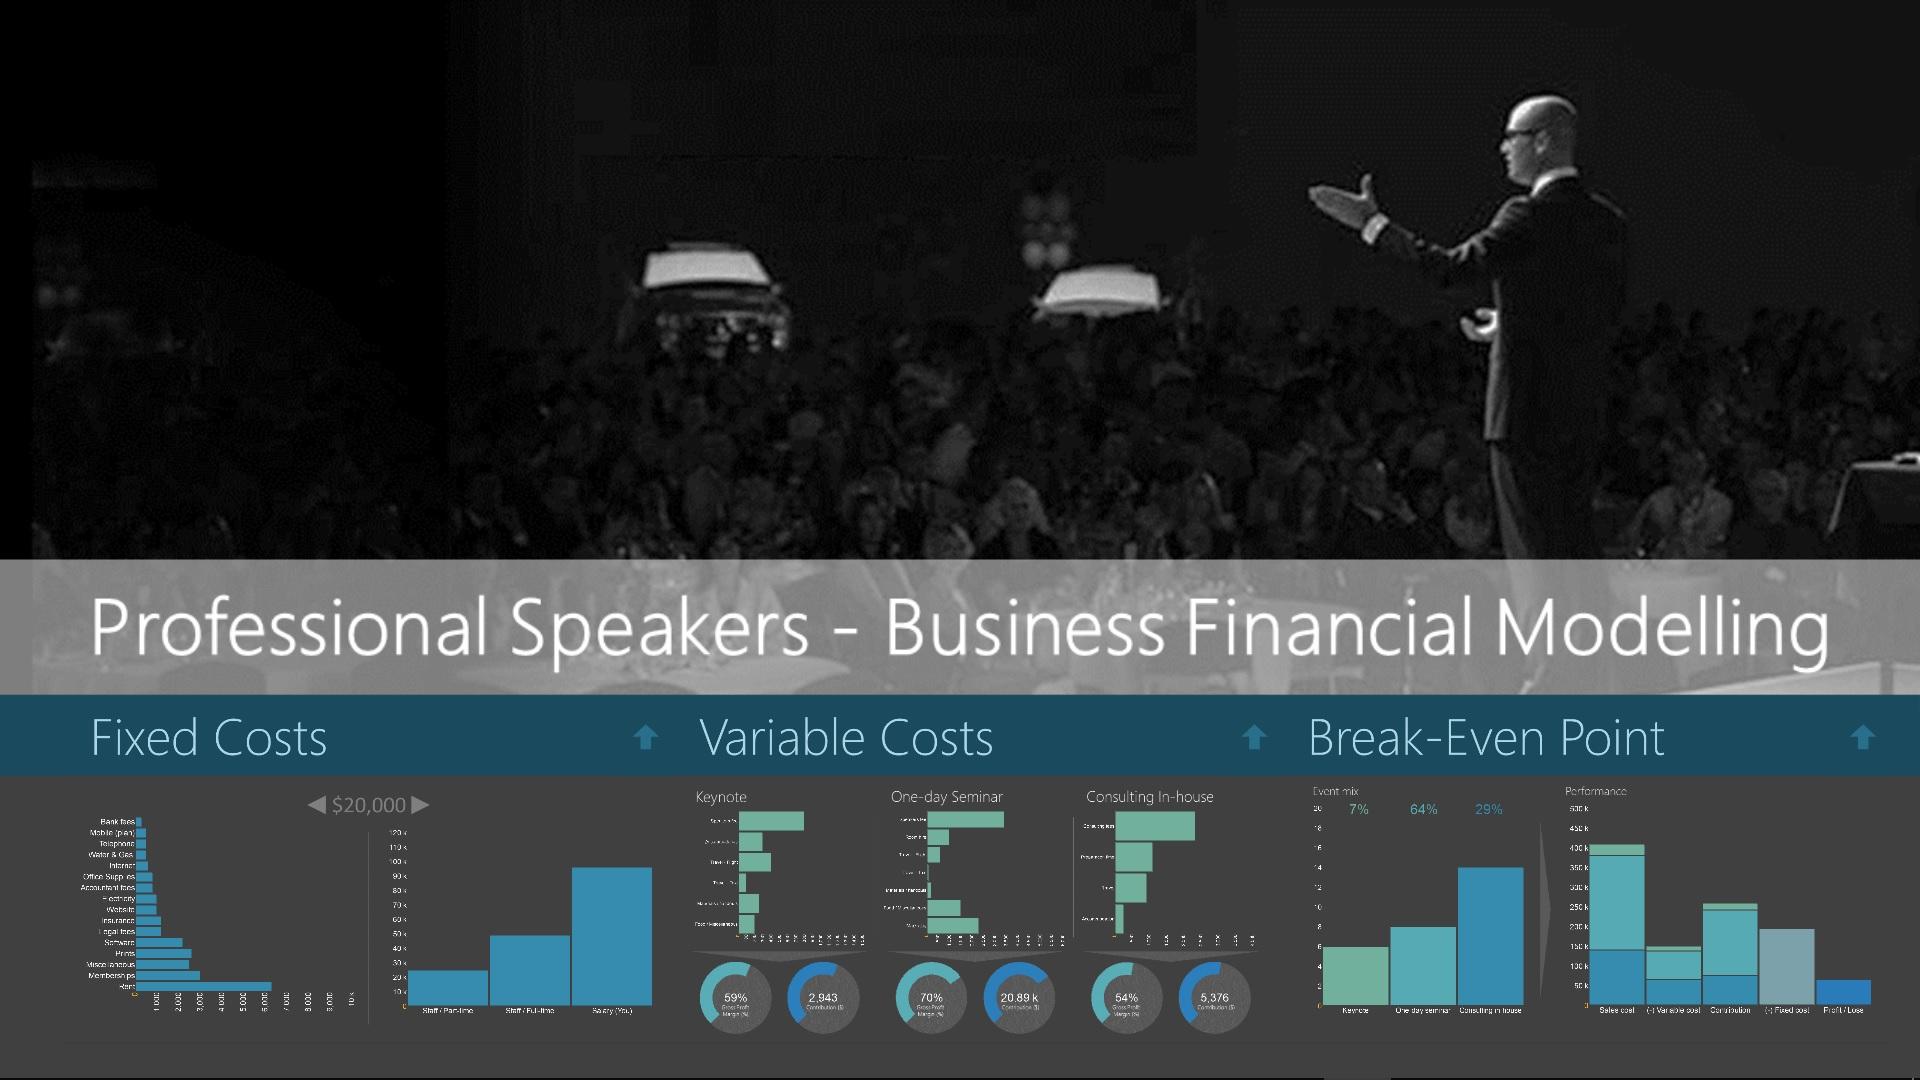 Profesesional speakers.jpg